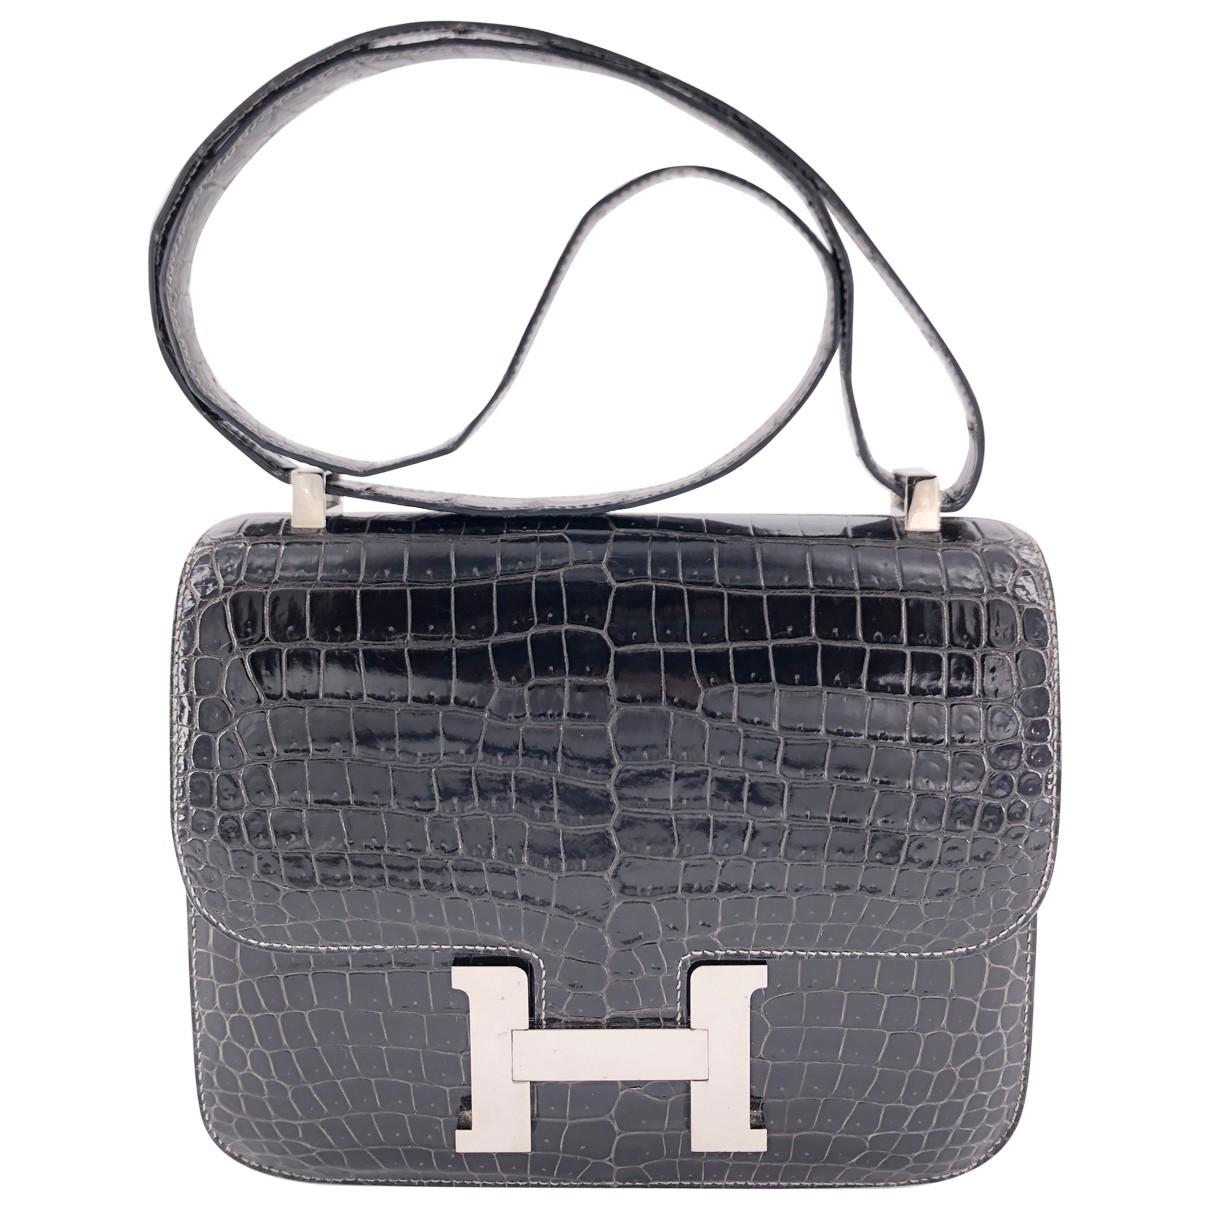 Hermes - Sac a main Constance pour femme en cuir exotique - gris